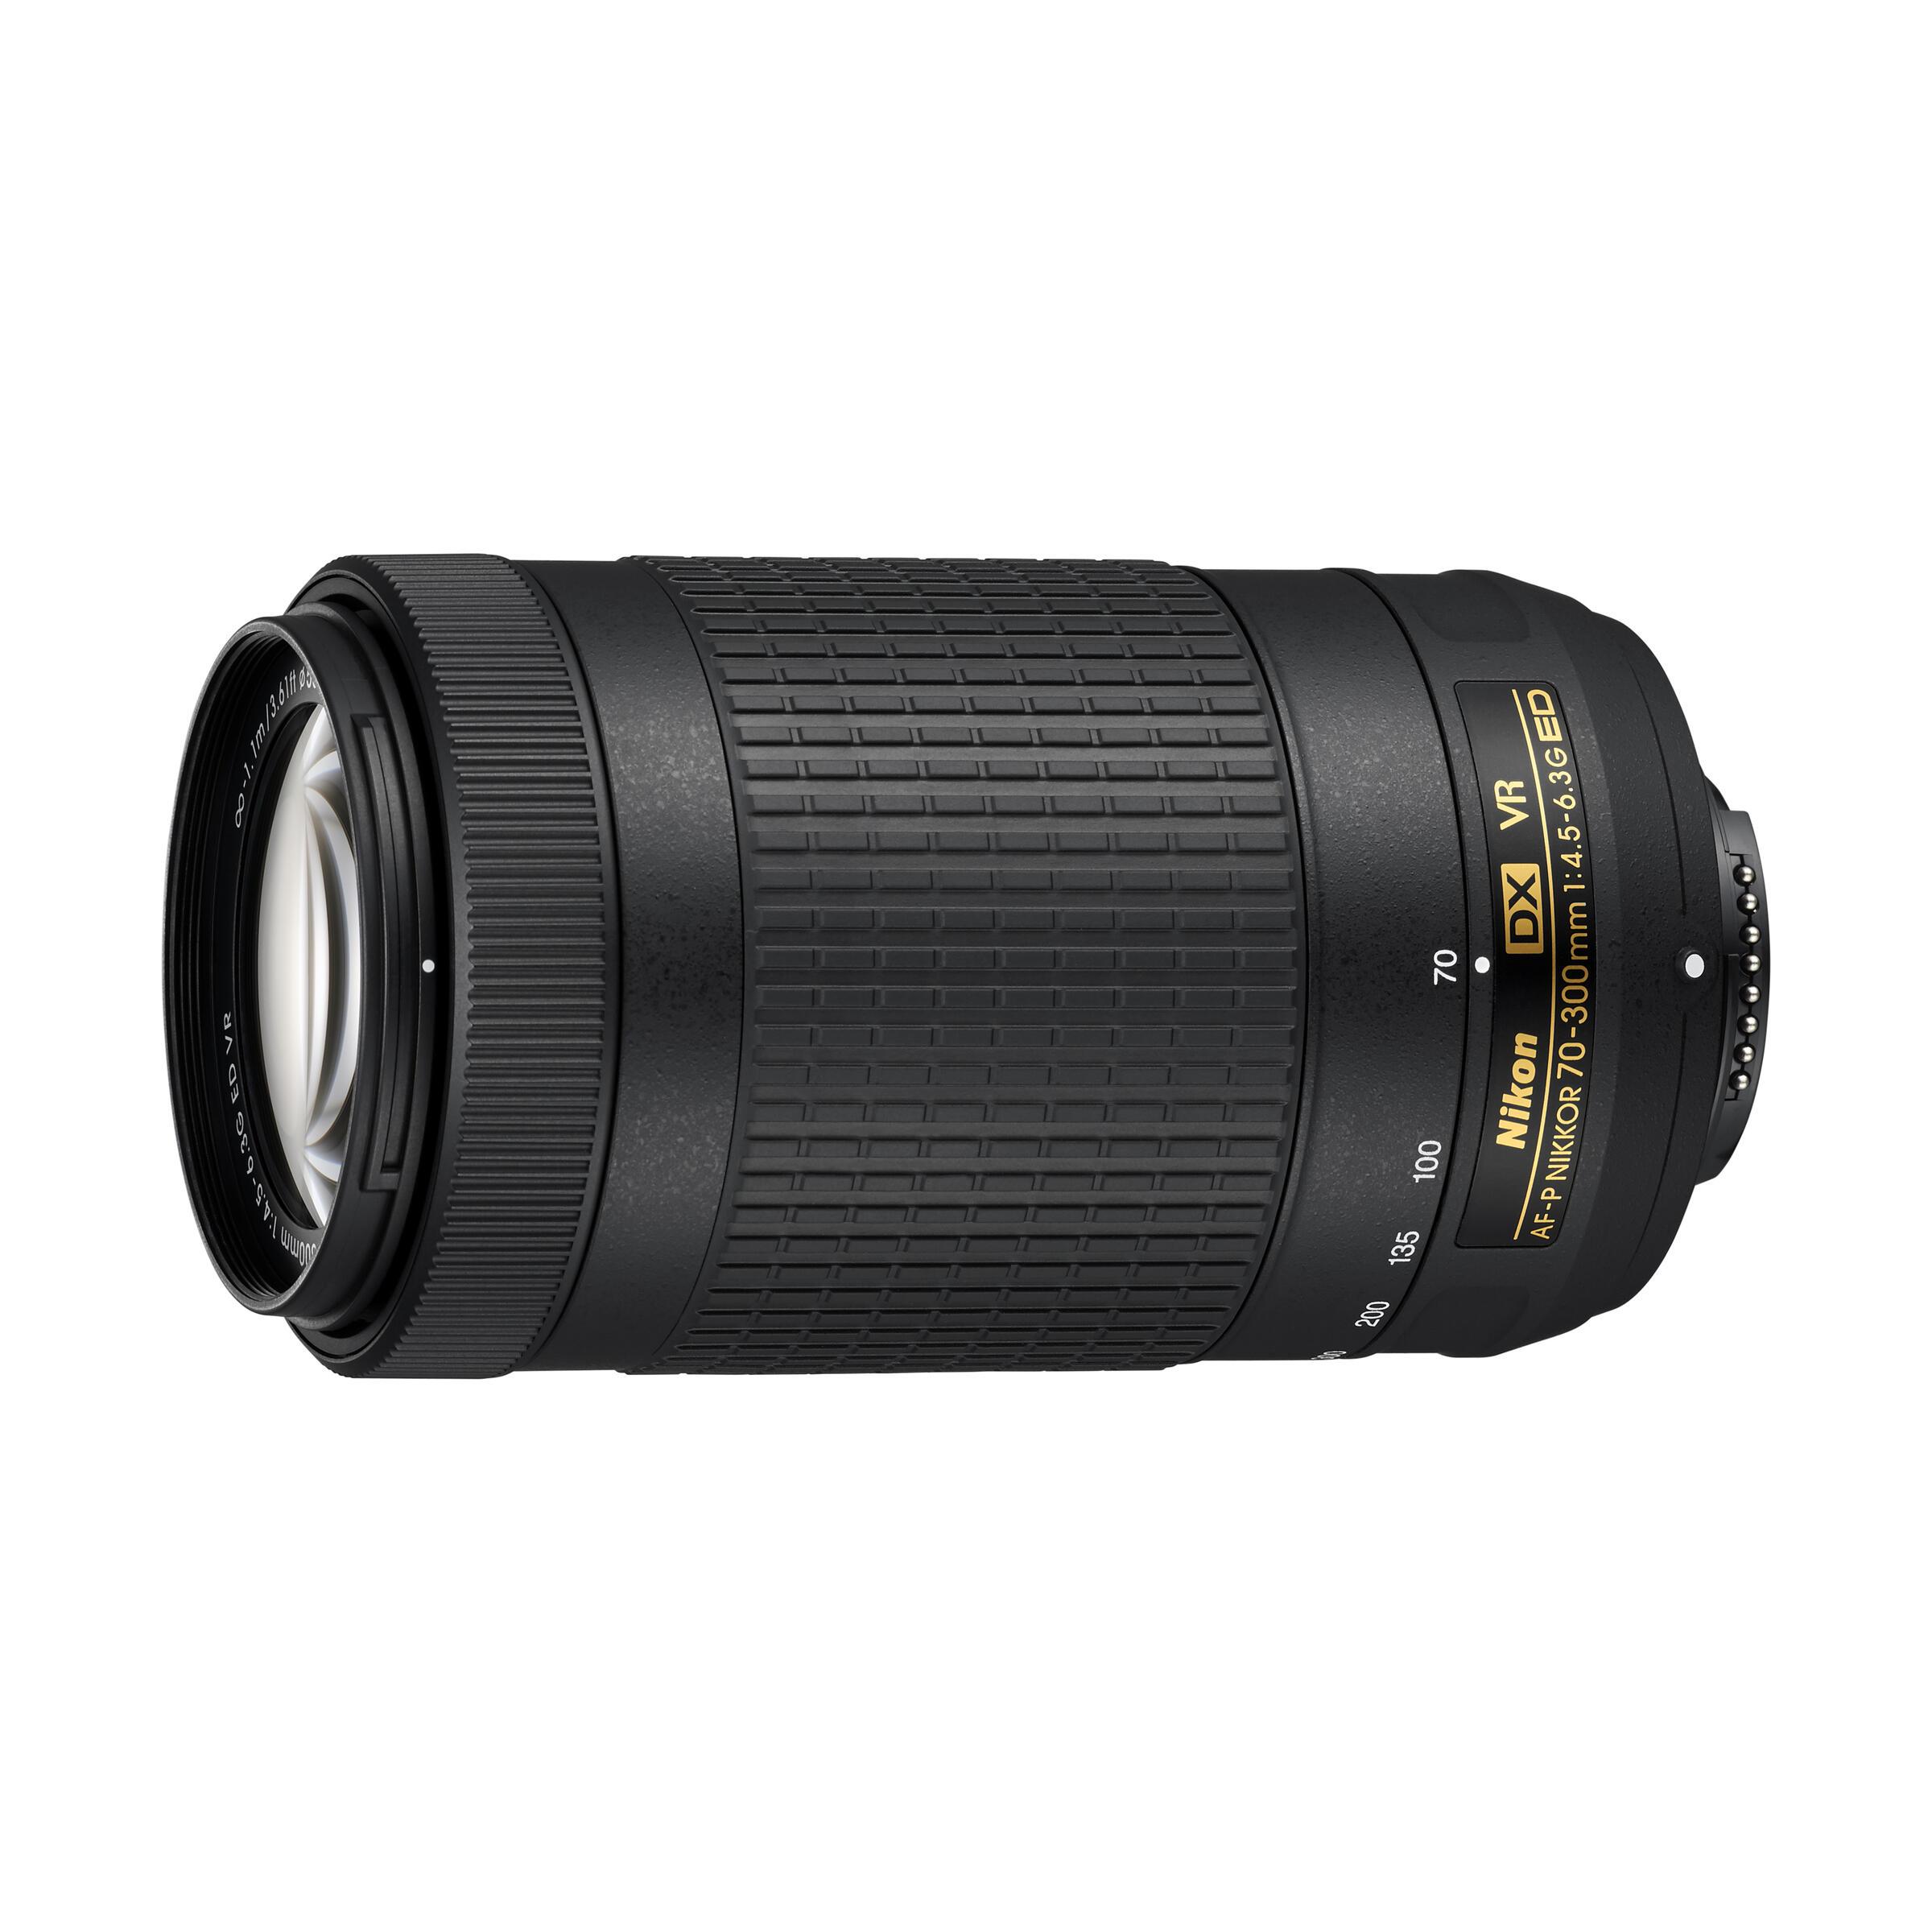 Nikon AF-P DX 70-300mm f/4,5-6,3G ED VR